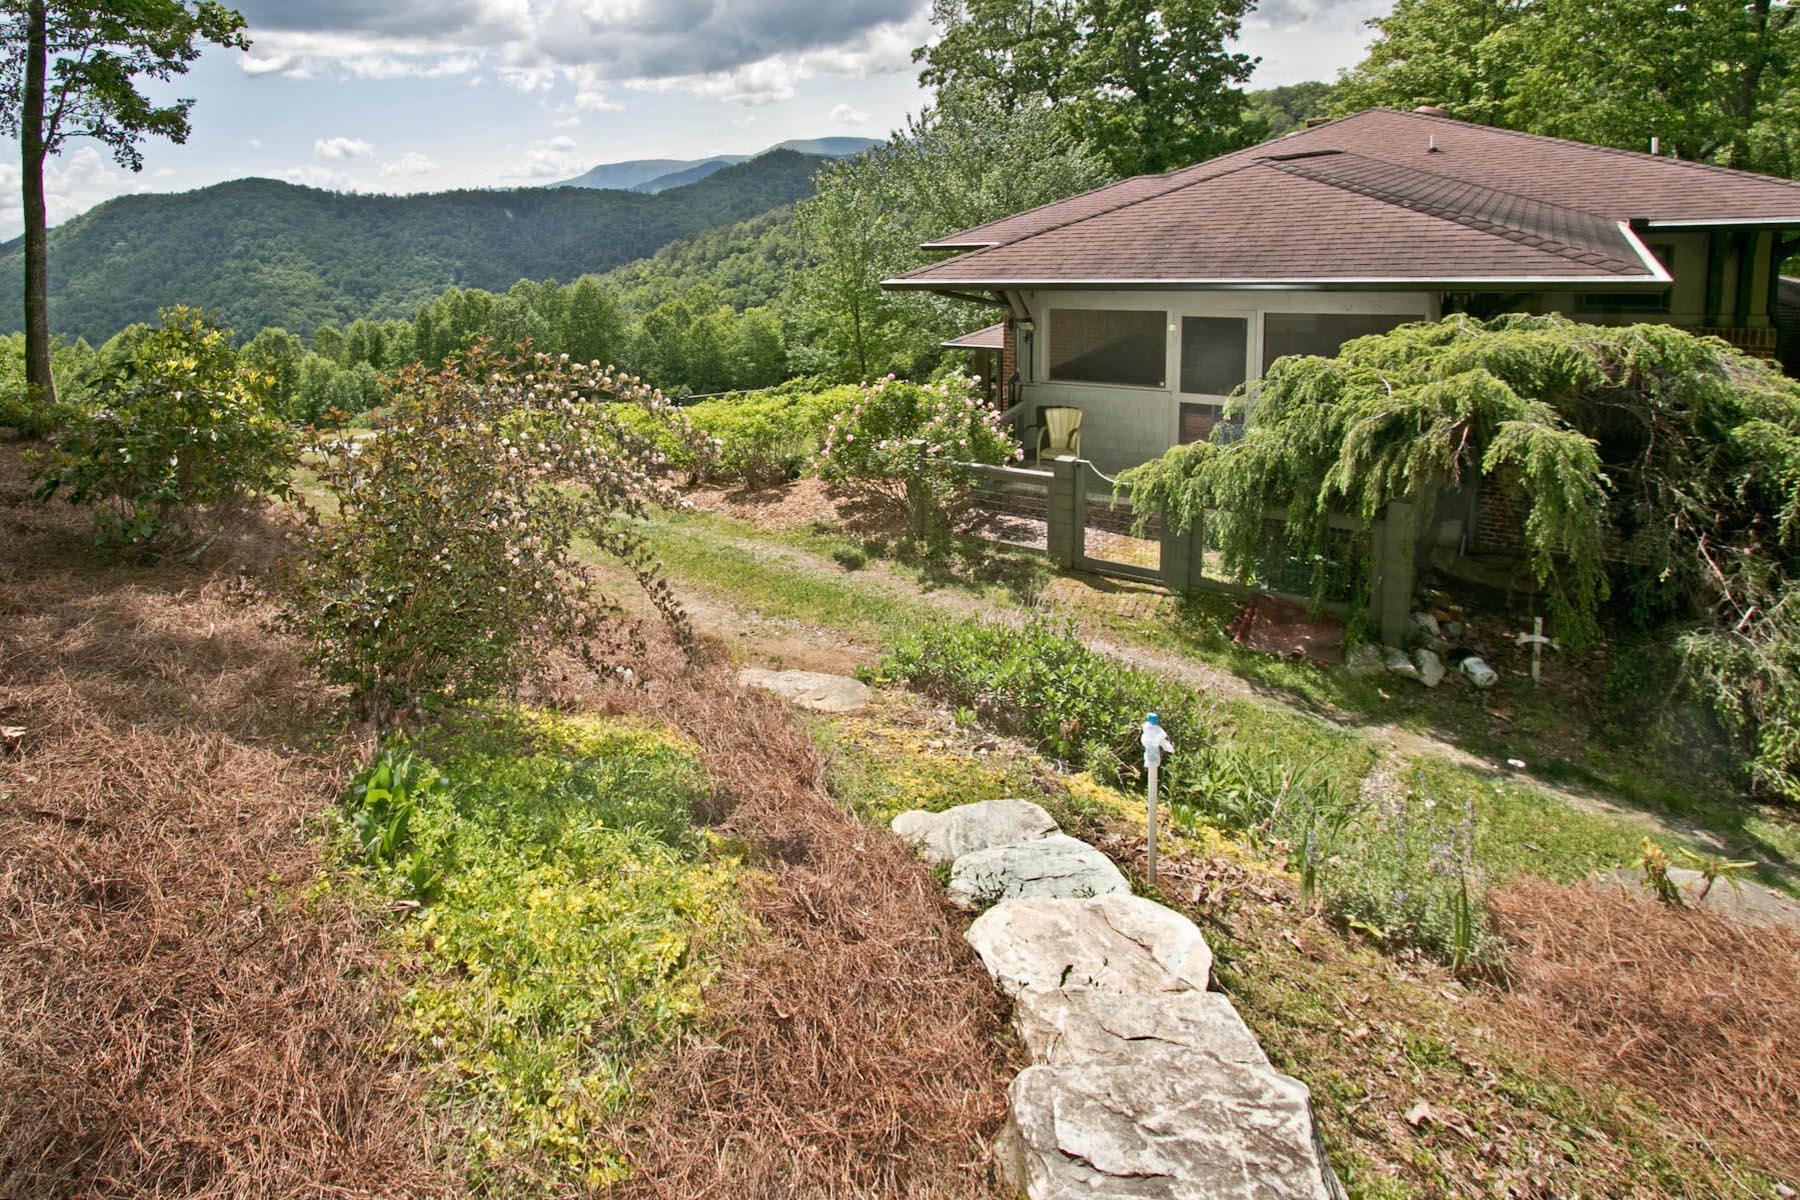 Terreno por un Venta en 712 Lost Valley Road Scaly Mountain, Carolina Del Norte, 28755 Estados Unidos